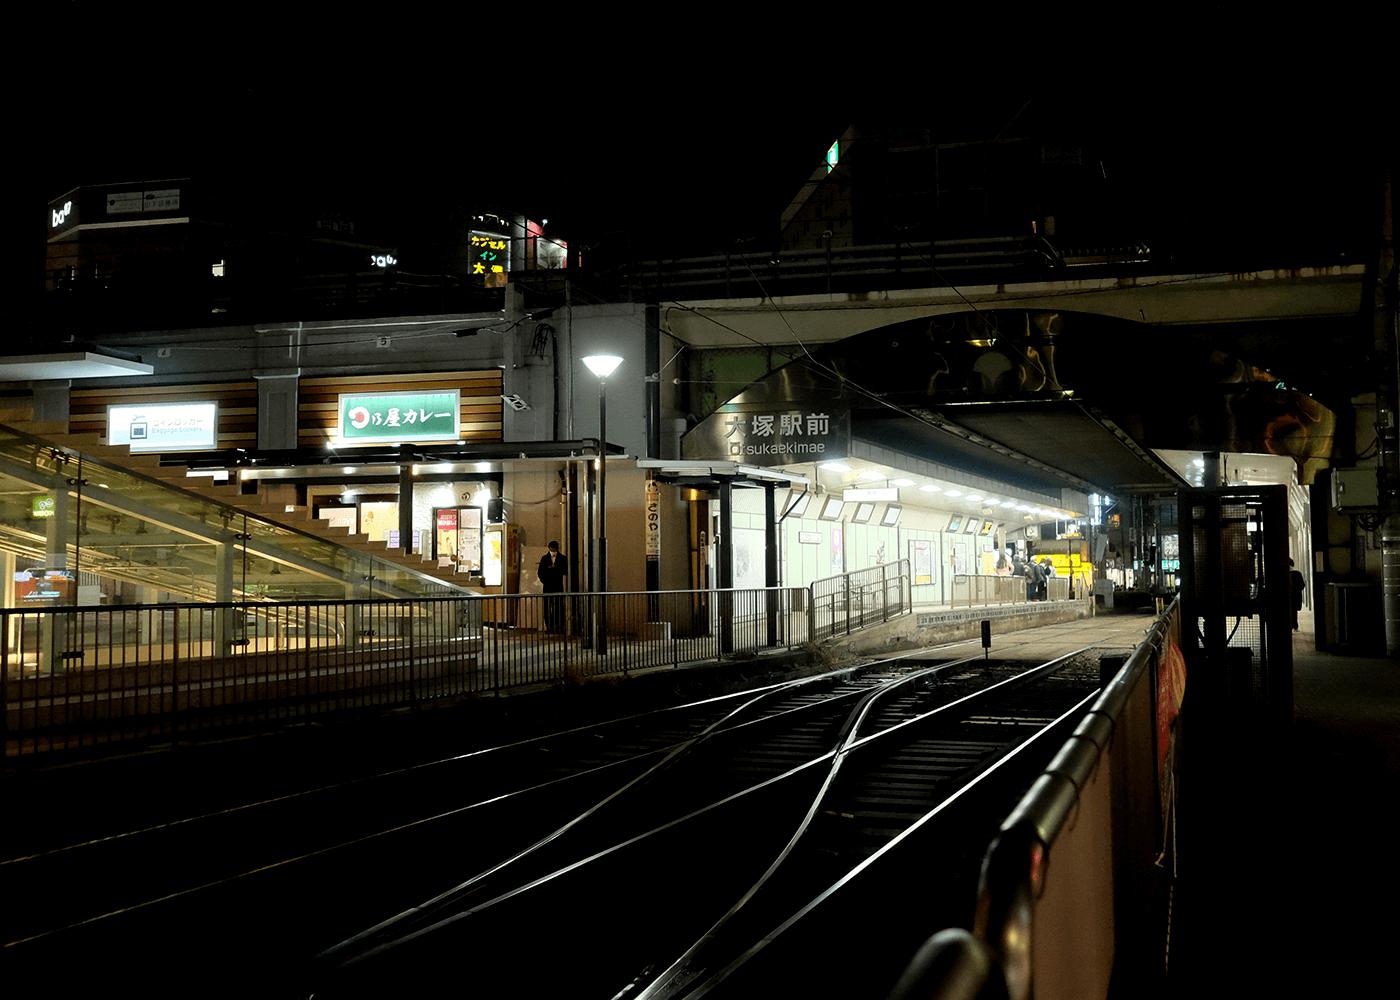 大塚駅前駅(都電荒川線)